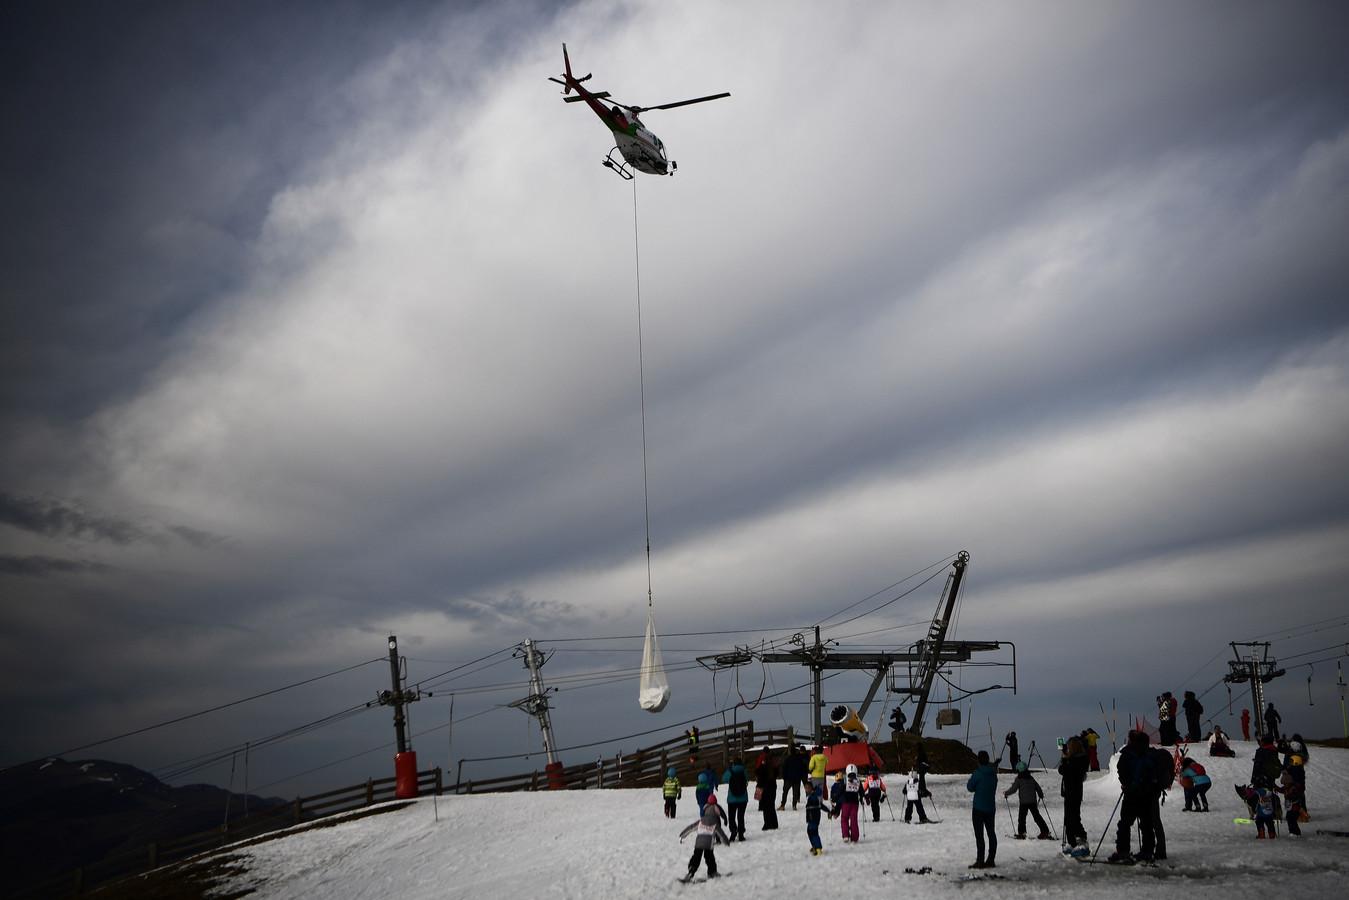 De la neige a été transvasée du haut de Luchon-Superbagnères vers le bas de la station samedi dernier, provoquant une vive polémique.